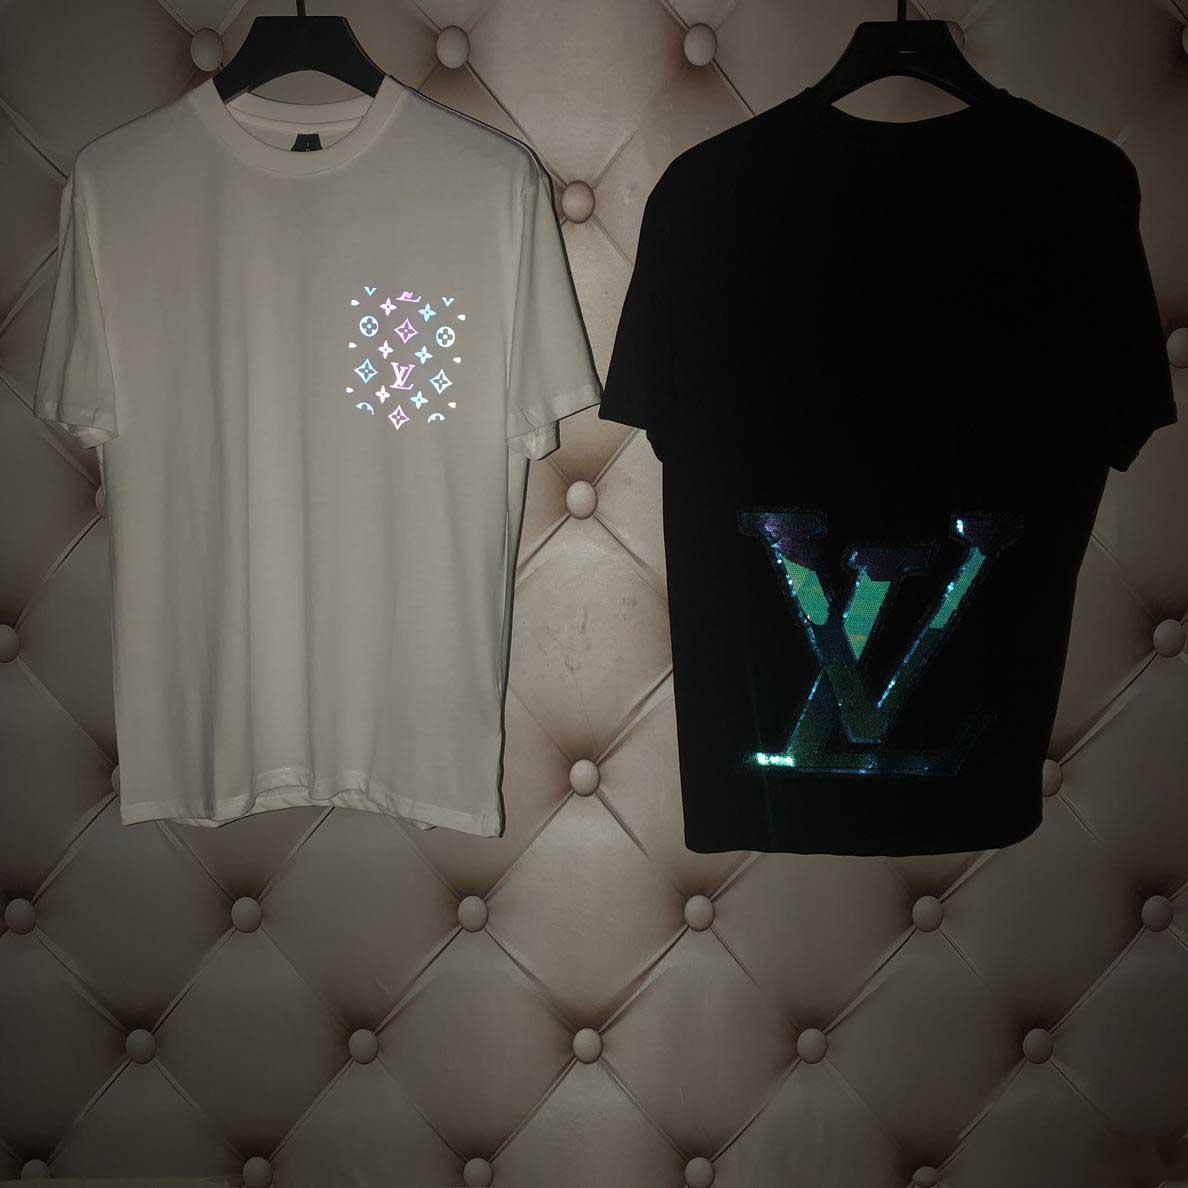 PP tasarımcı t shirt% 100 Günlük Erkek Tasarımcı T Gömlek Çoklu Değiştirilebilir Göz Baskı Büyük Beden Pamuk Moda Trend Nefes Stili